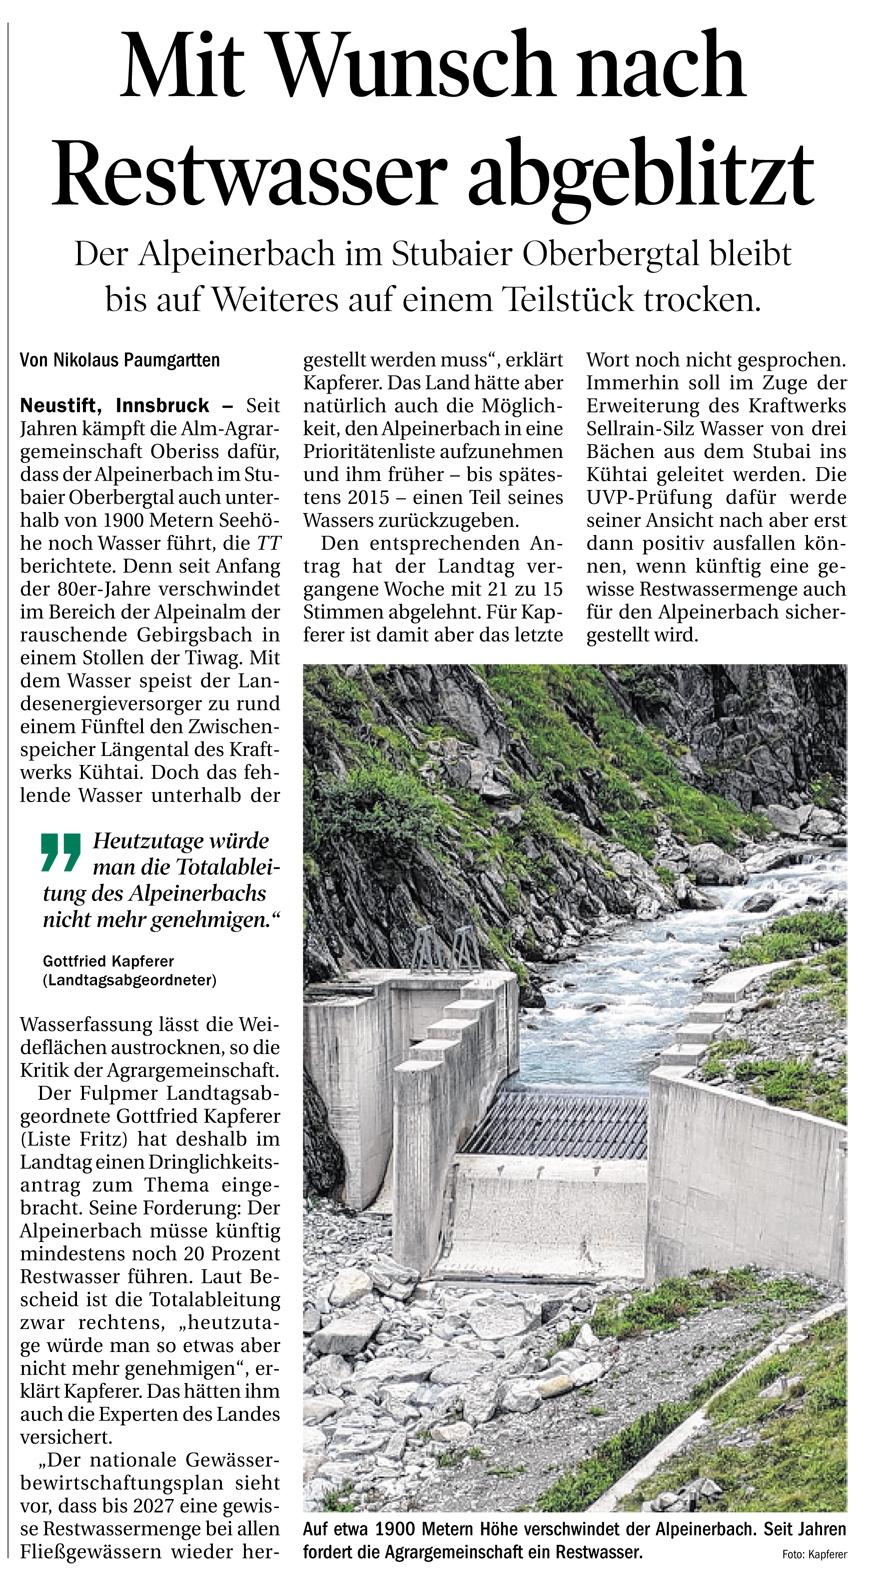 Bericht der Tiroler Tageszeitung zum Alpeinerbach